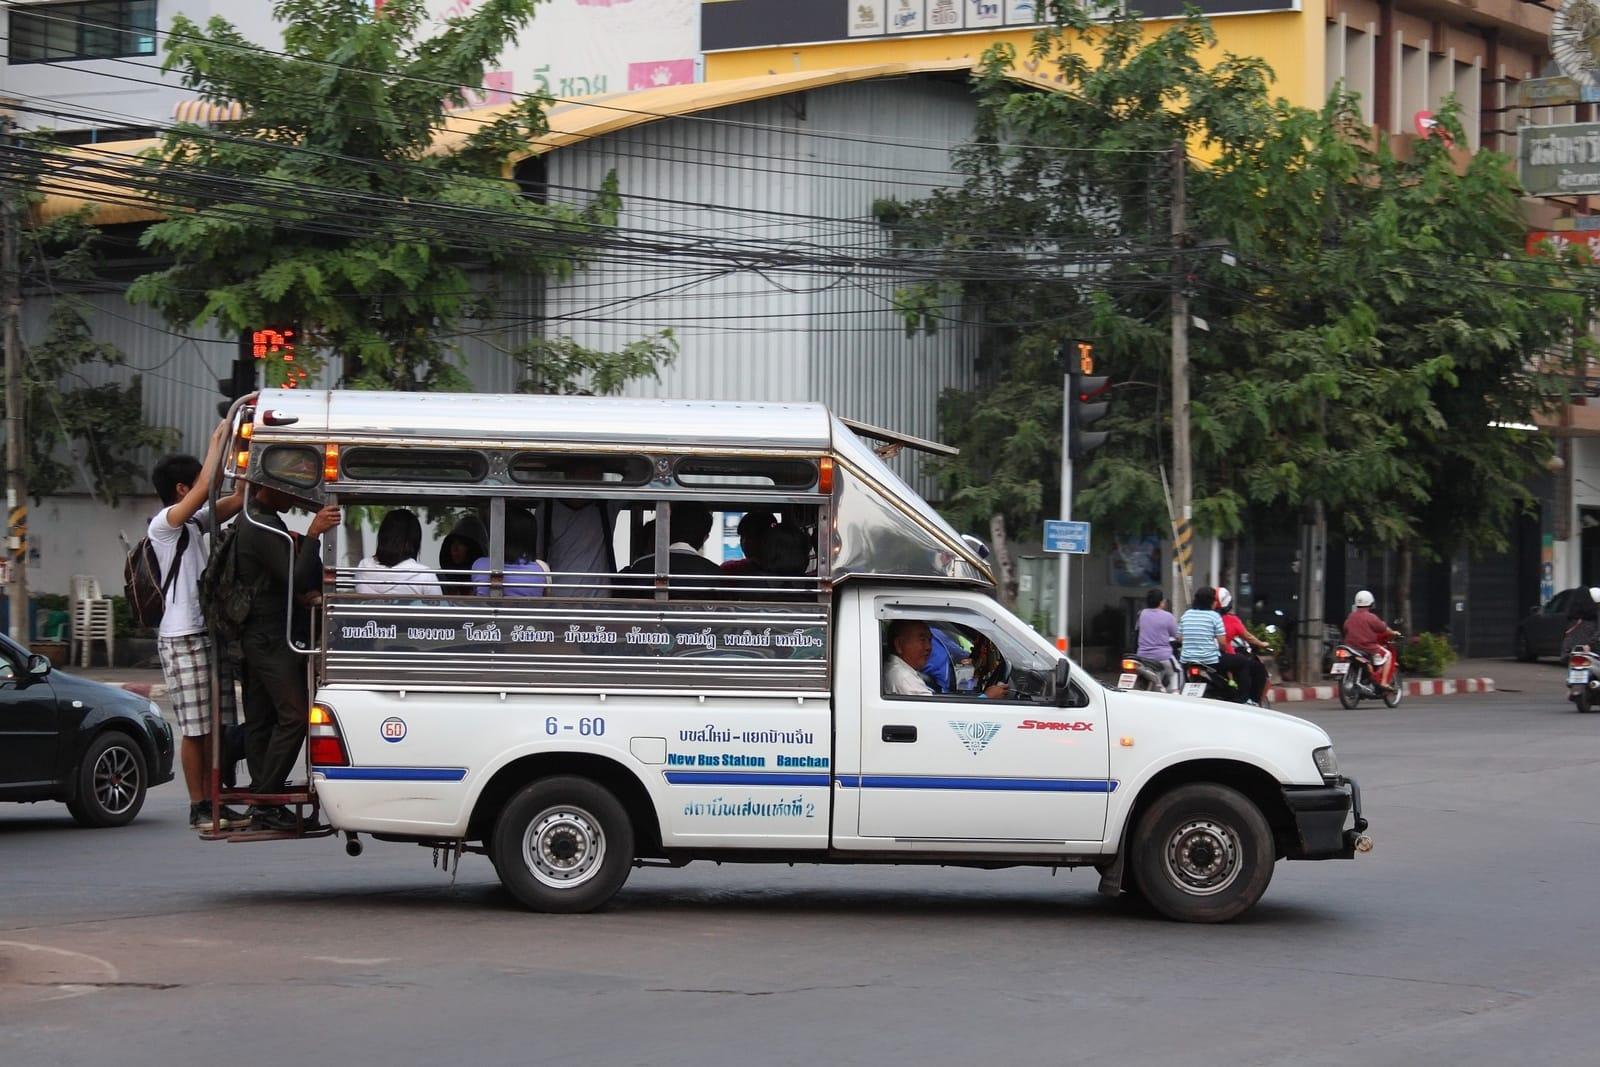 kinh nghiệm đi krabi bằng xe buýt songthaew